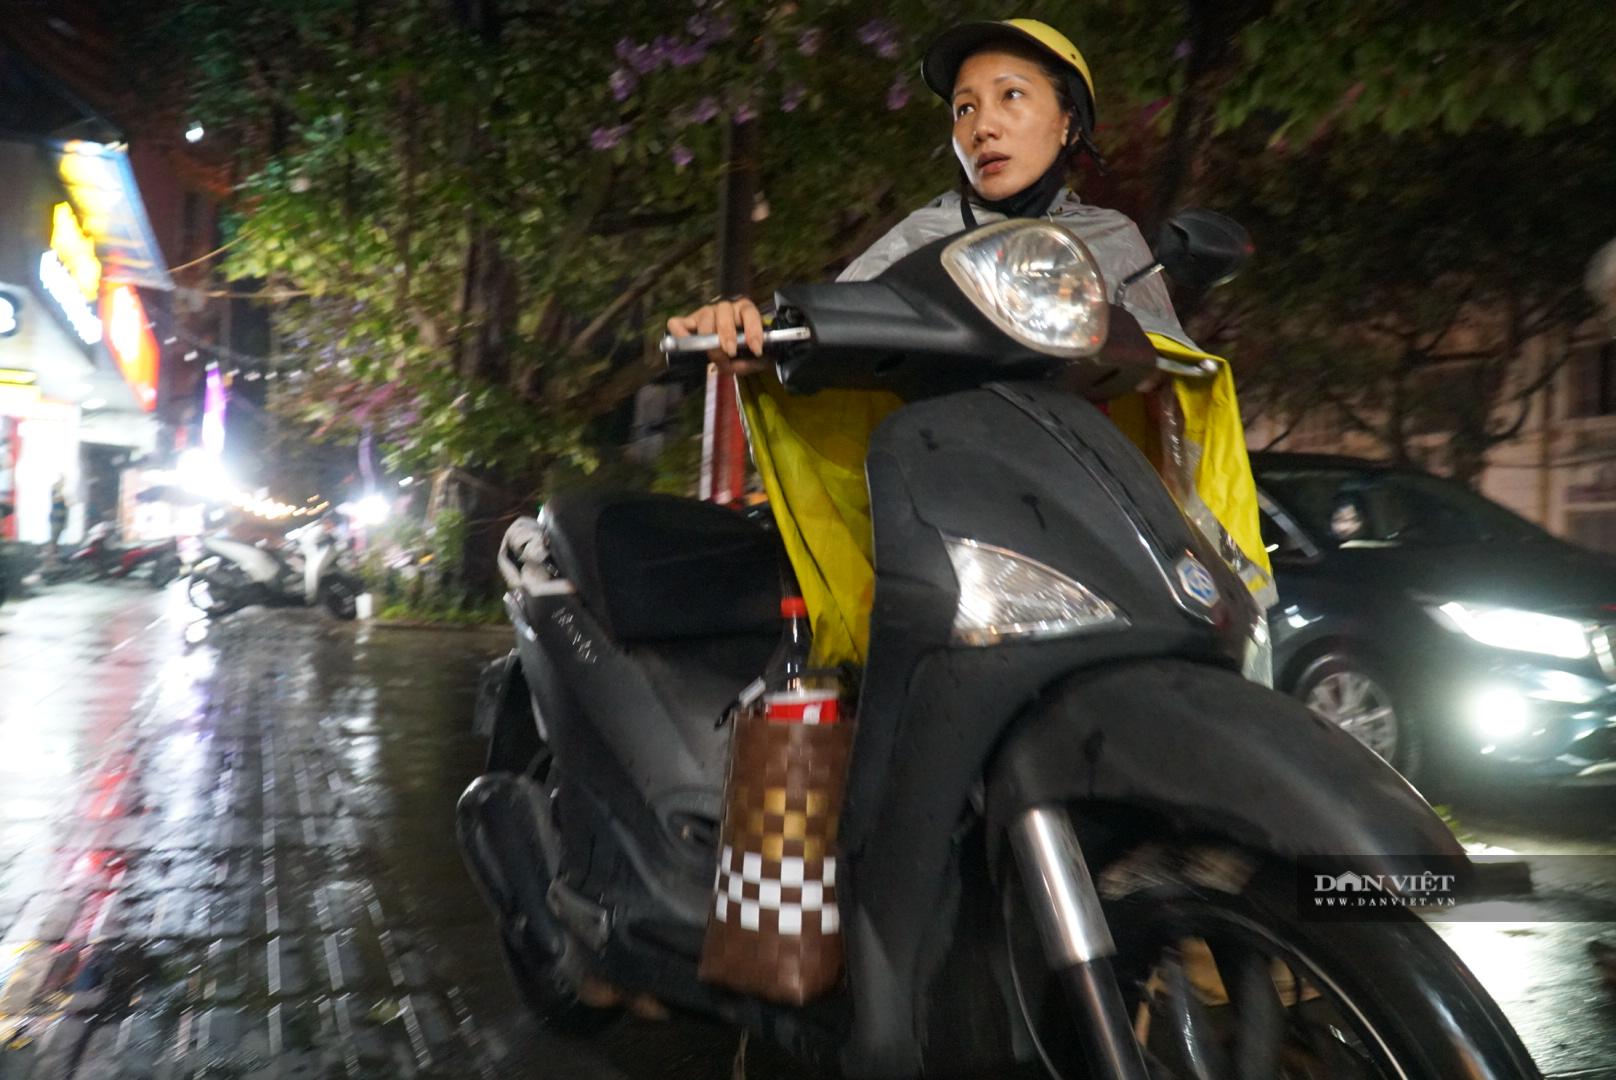 Hà Nội: Lau bugi xe sau cơn mưa lớn kiếm bộn tiền - Ảnh 9.